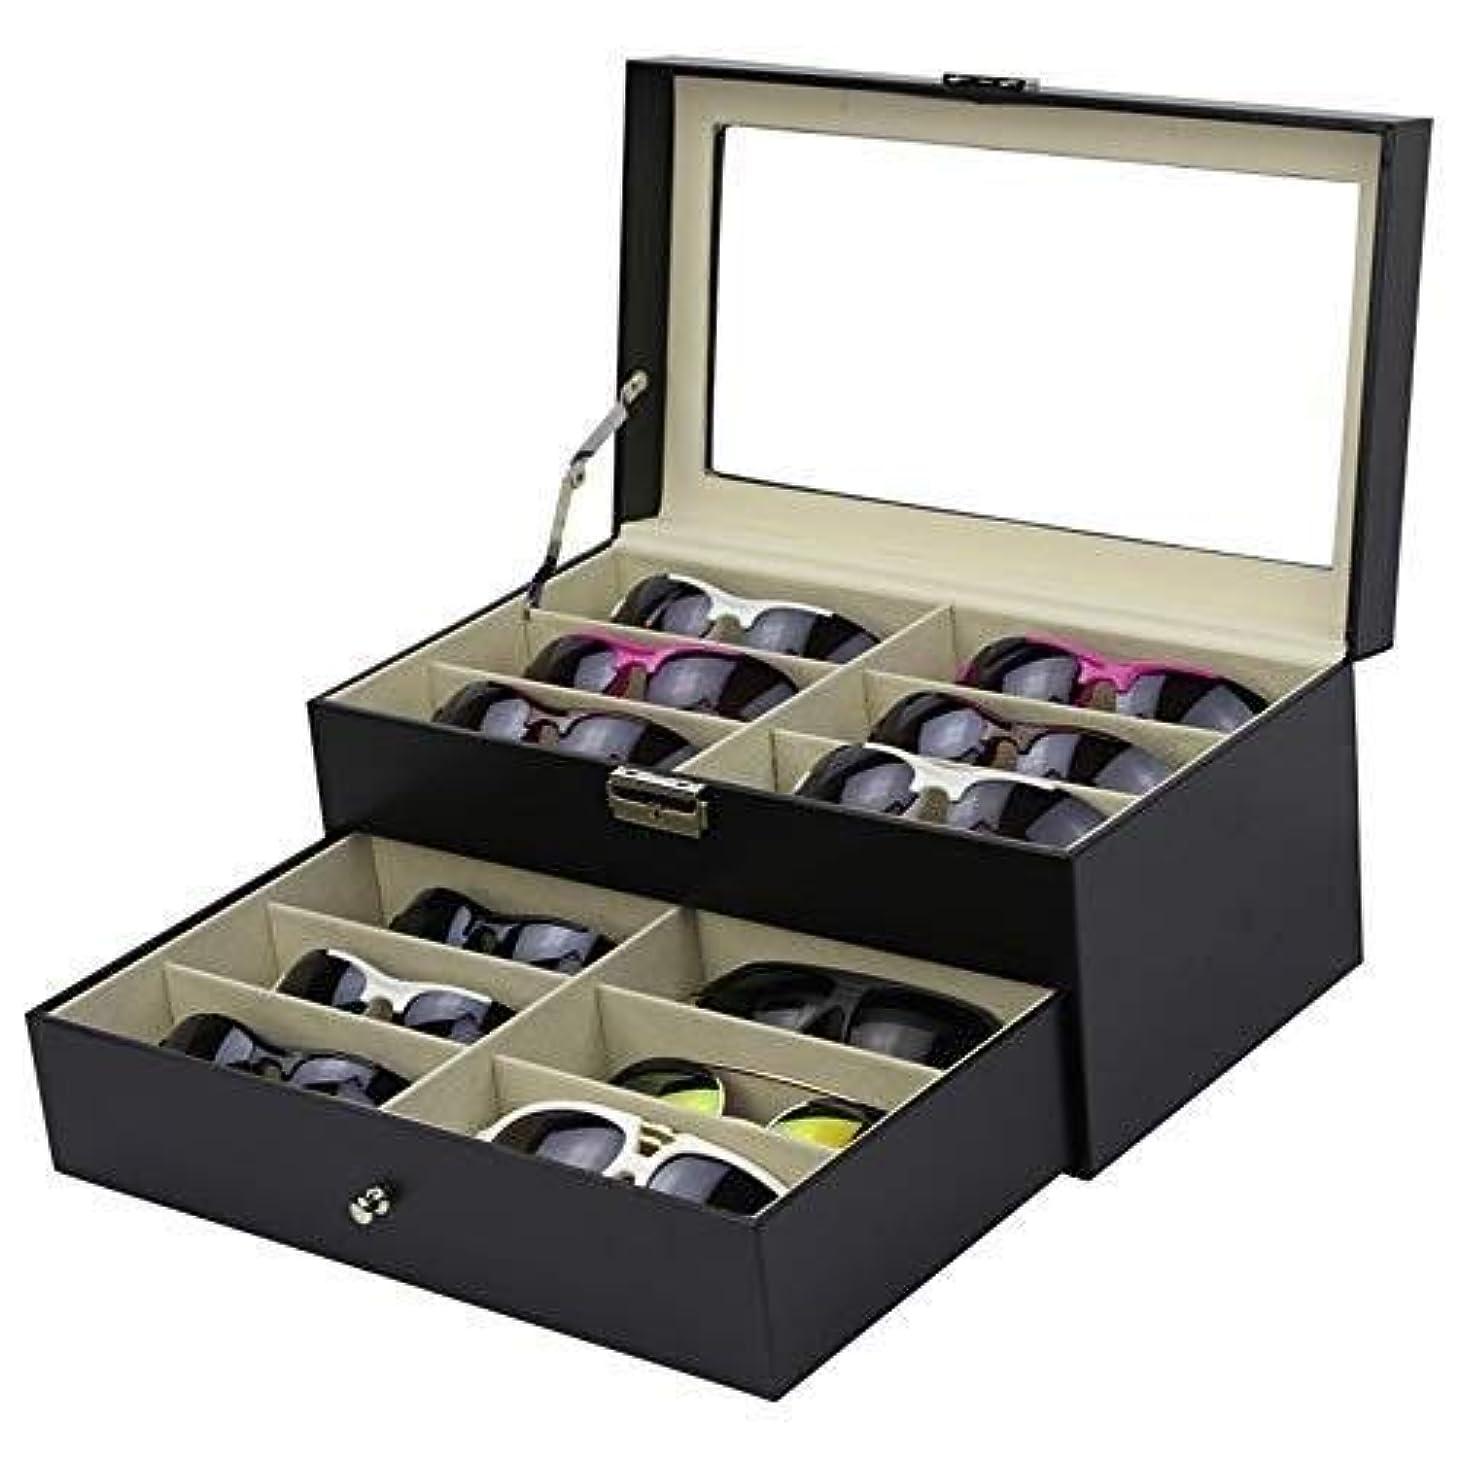 会議案件課税サングラスディスプレイオーガナイザー - 12スロットのメガネ収納とコレクターボックス - 鍵とロック付きのプレゼンテーション用の大型レザーホルダー - アイウェア、ジュエリー、キーホルダー、時計に最適